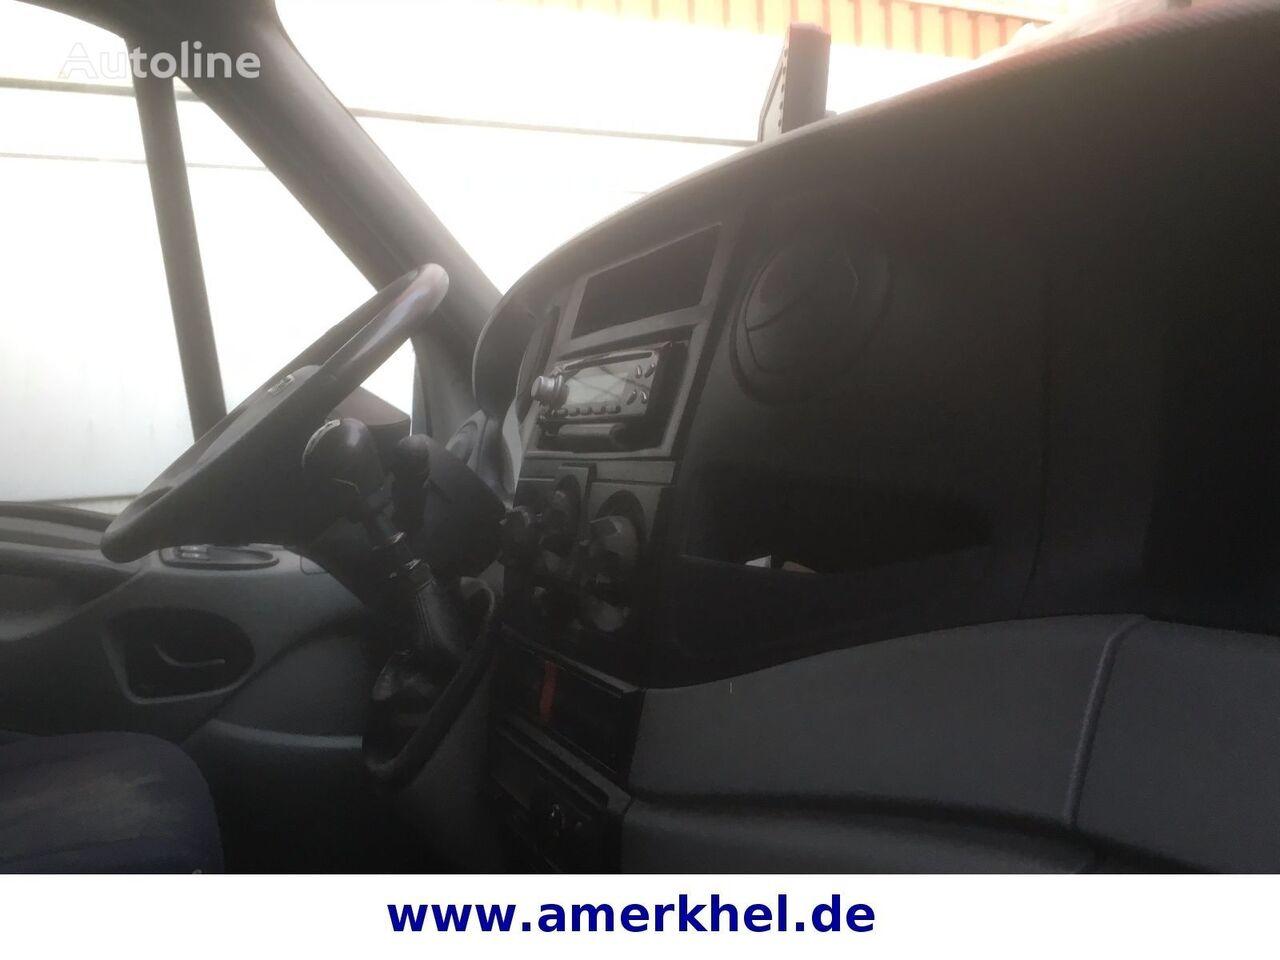 IVECO Daily c 50 cl ups camião furgão